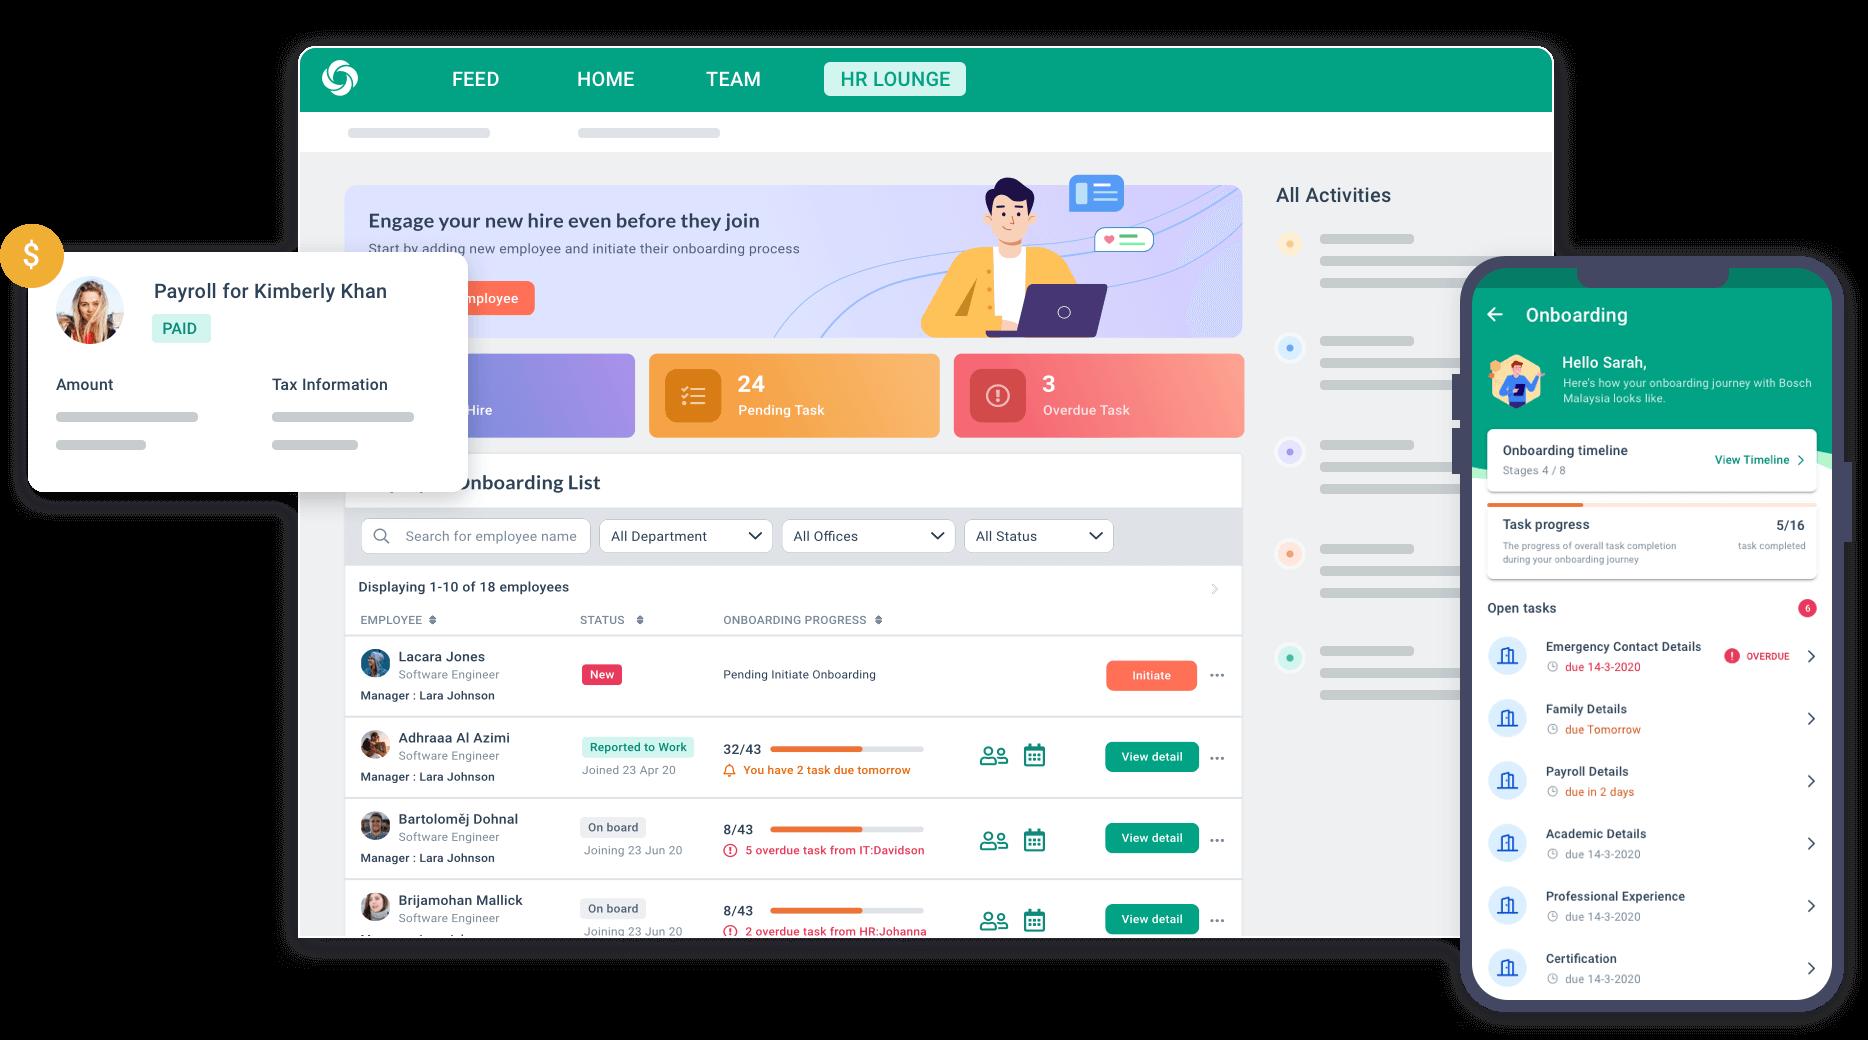 BrioHR interface